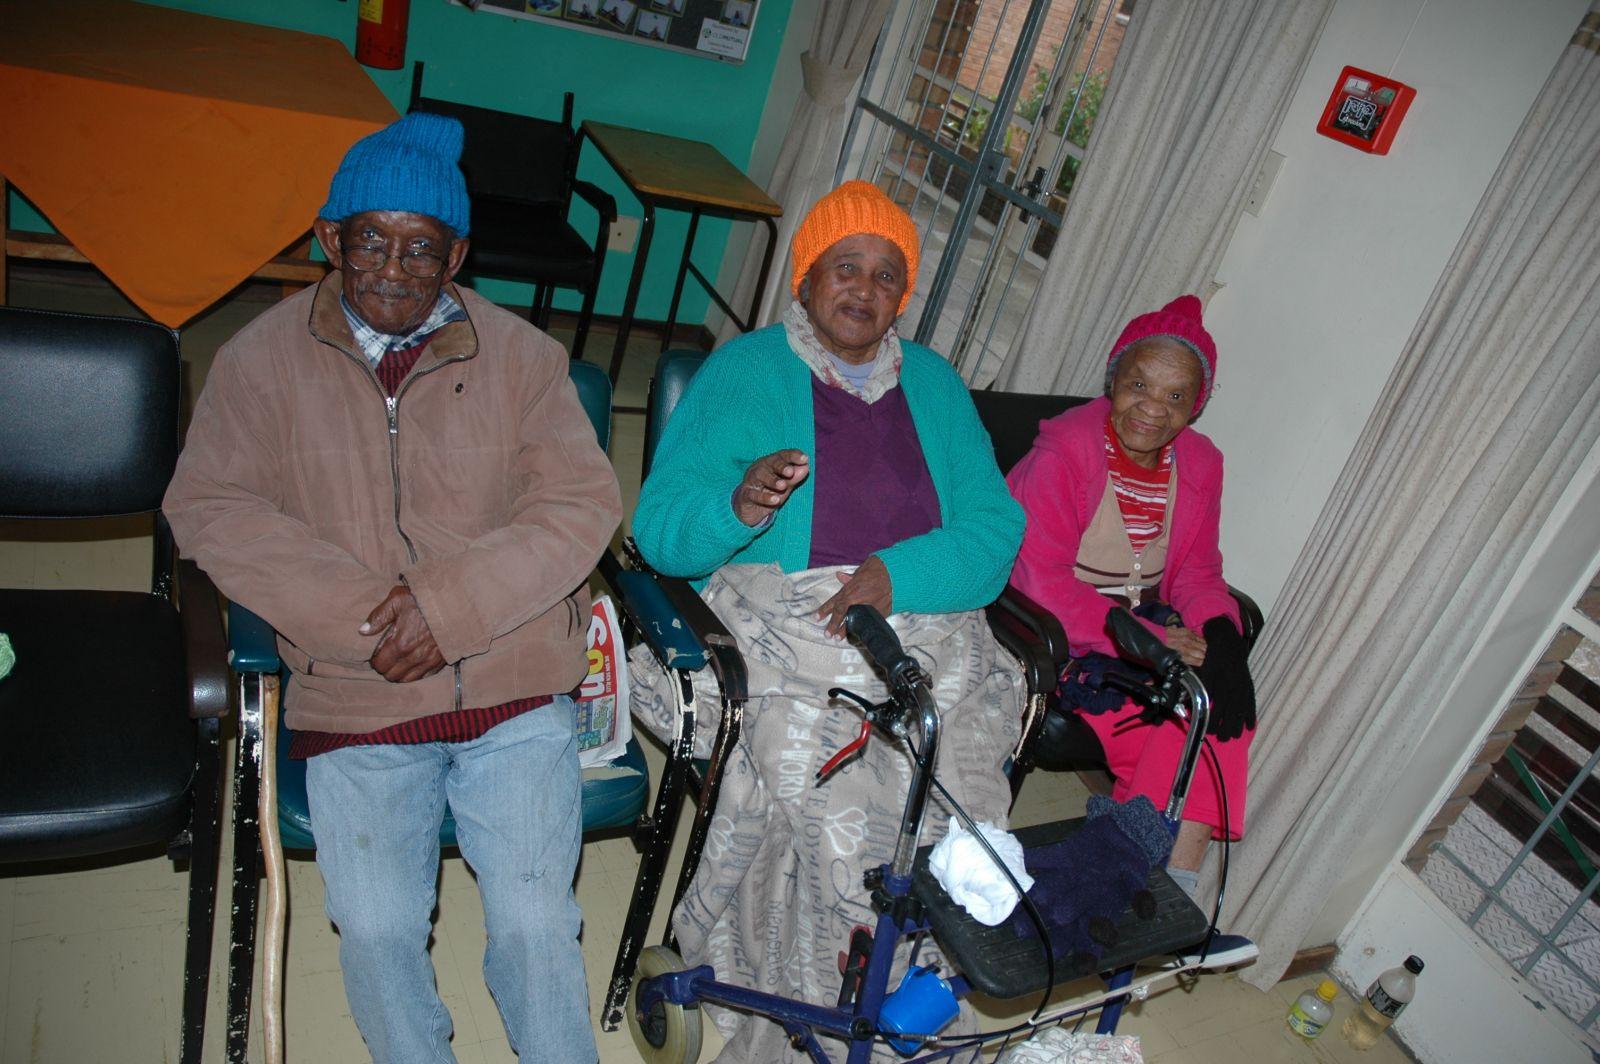 Huis Silverjaare residents enjoying the beanies knitted by Gordons Bay Lions Club Members